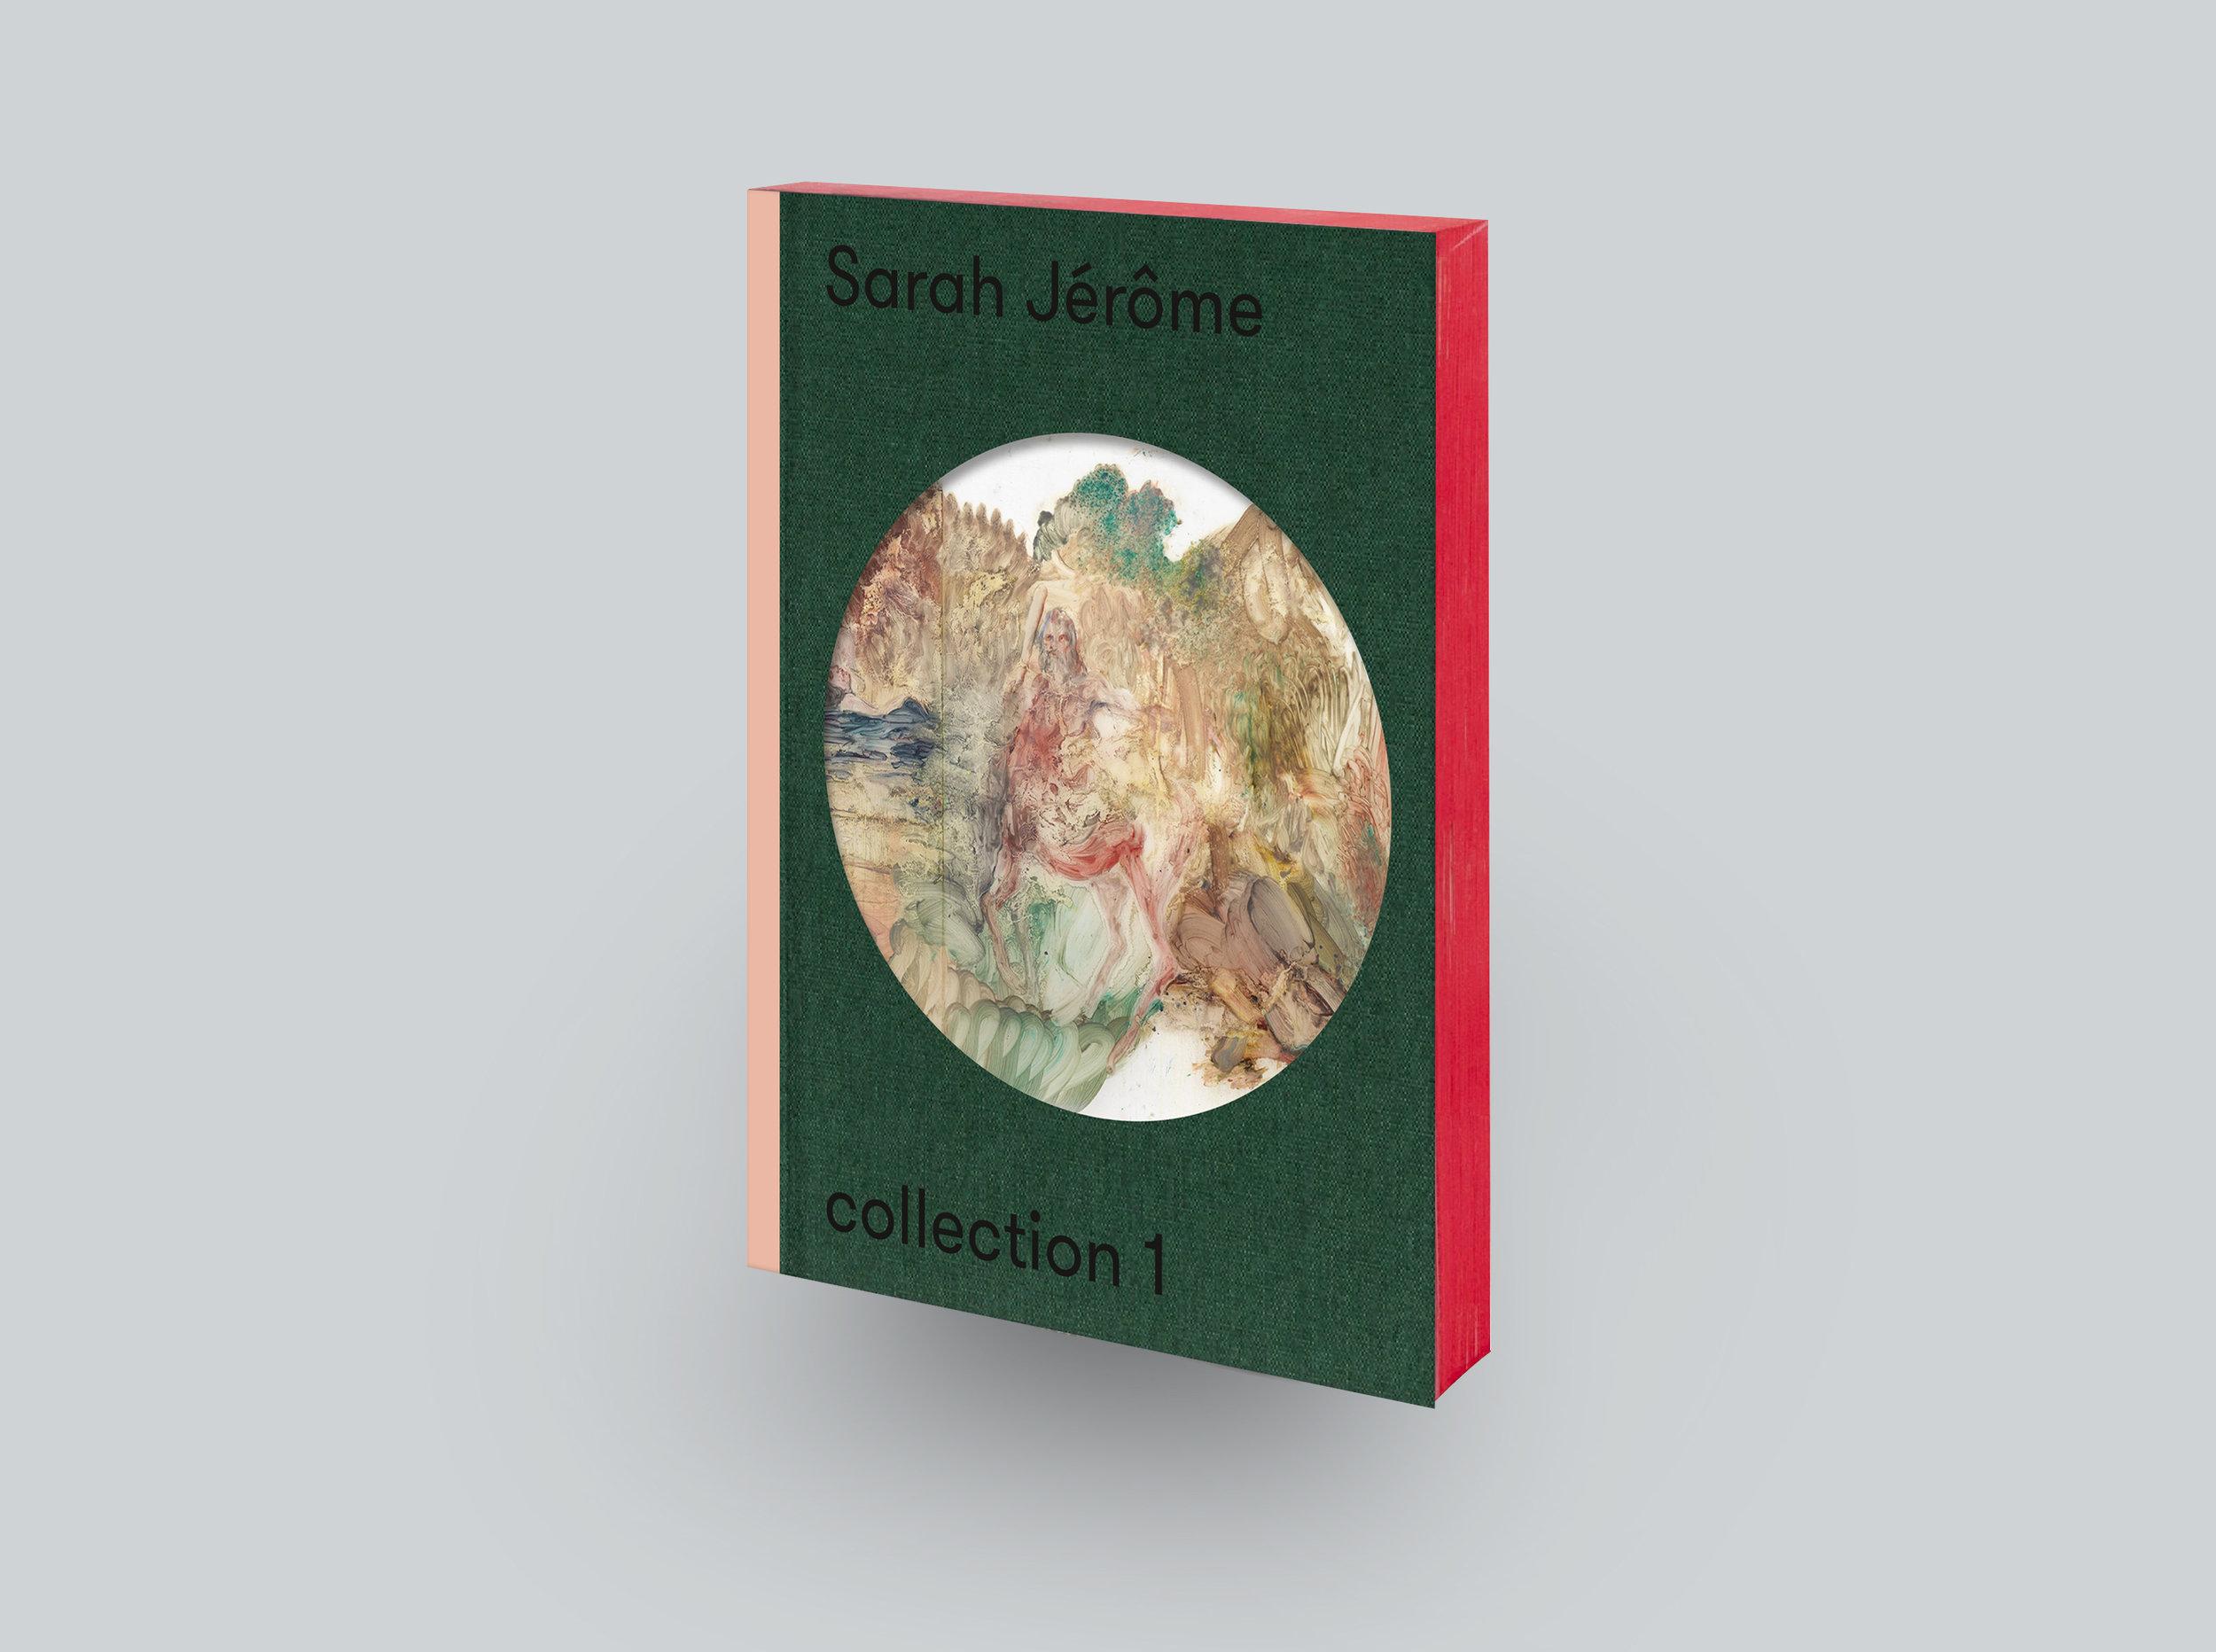 Première monographie - Sarah Jérôme a lancé un financement participatif de sa première monographie sur kisskissbankbank.com, motivée par l'envie de partager avec le public un livre-objet non pas chronologique ou descriptif, mais davantage tourné vers l'intimité d'un processus de création. Plus d'information, ici.